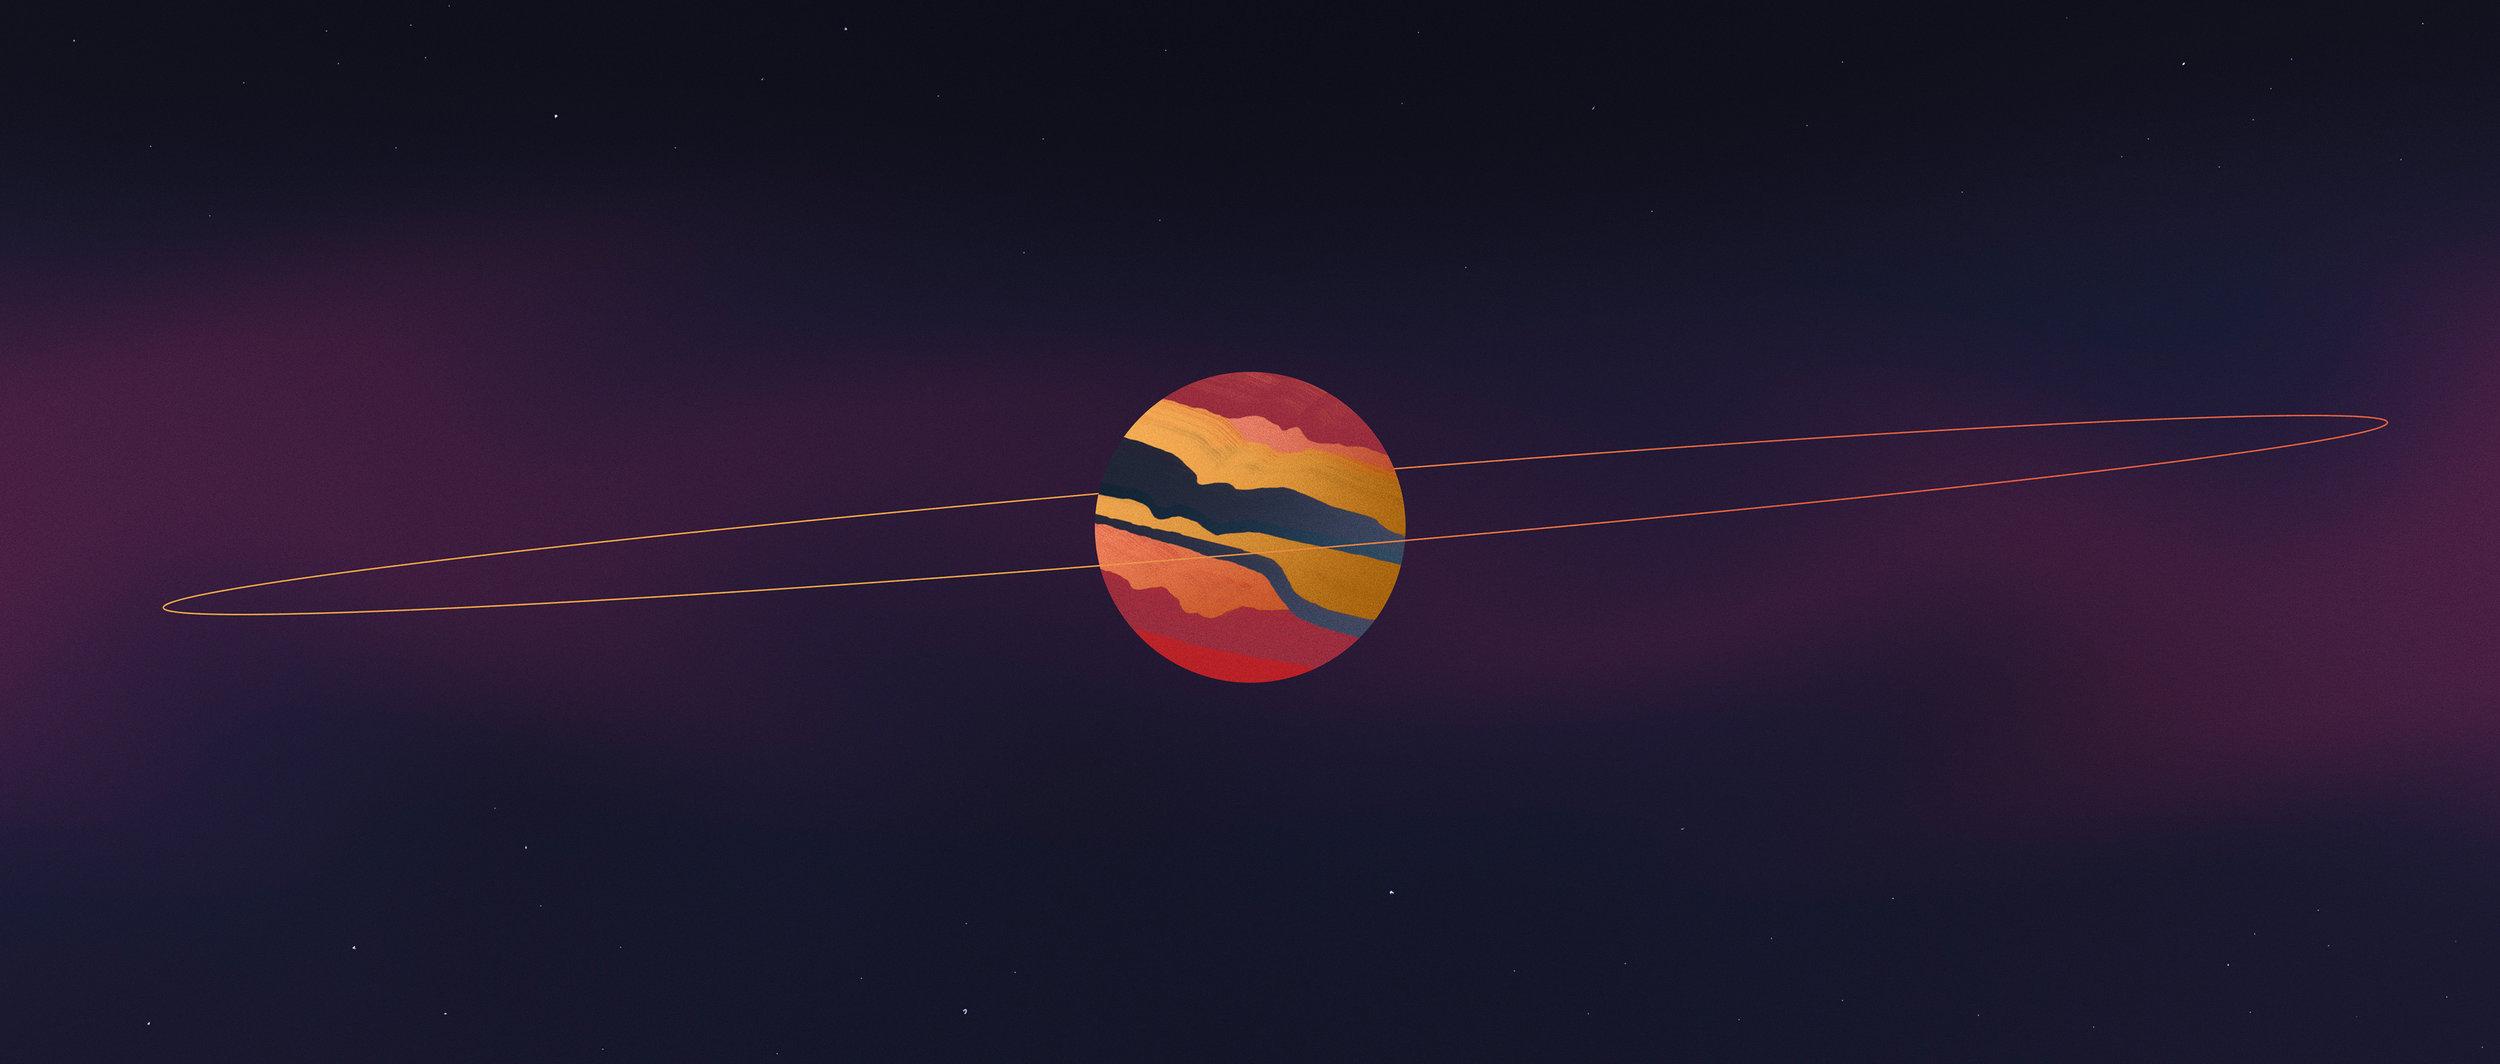 syfy_RickBaker_01_Planet.jpg